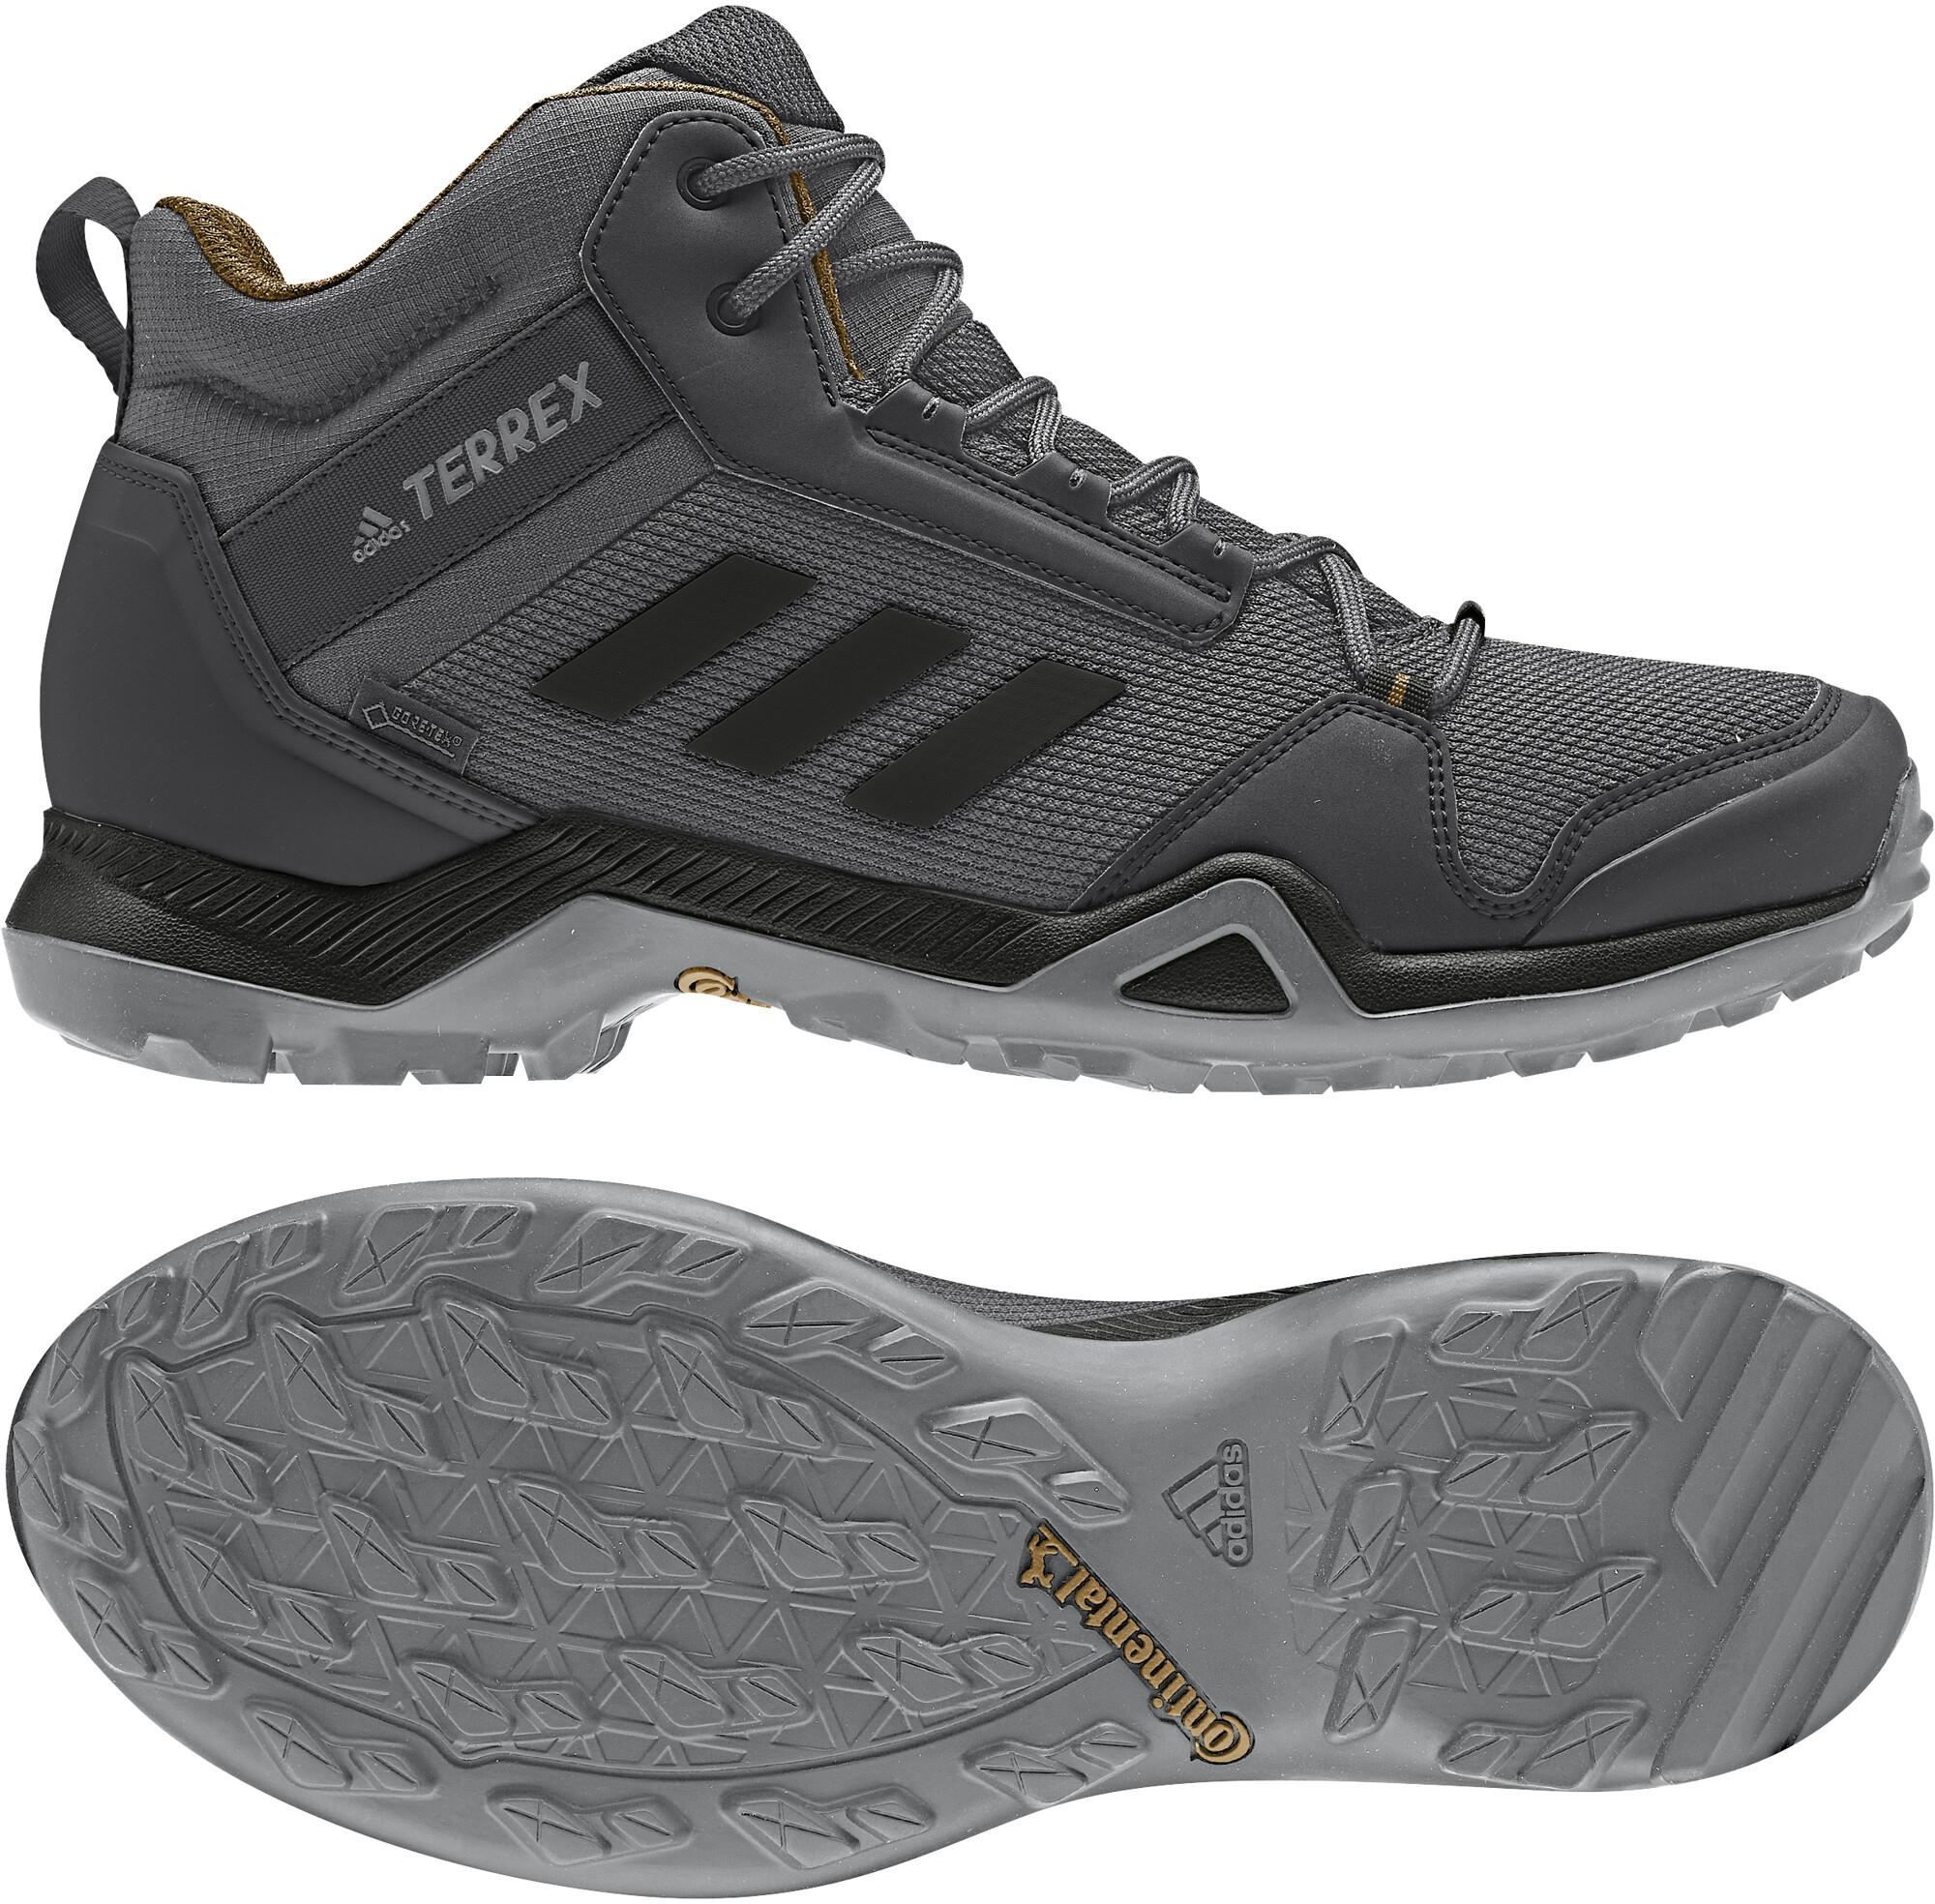 100% authentic 58bc5 afdca adidas TERREX AX3 Mid GTX Shoes Men grey five/core black/mesa